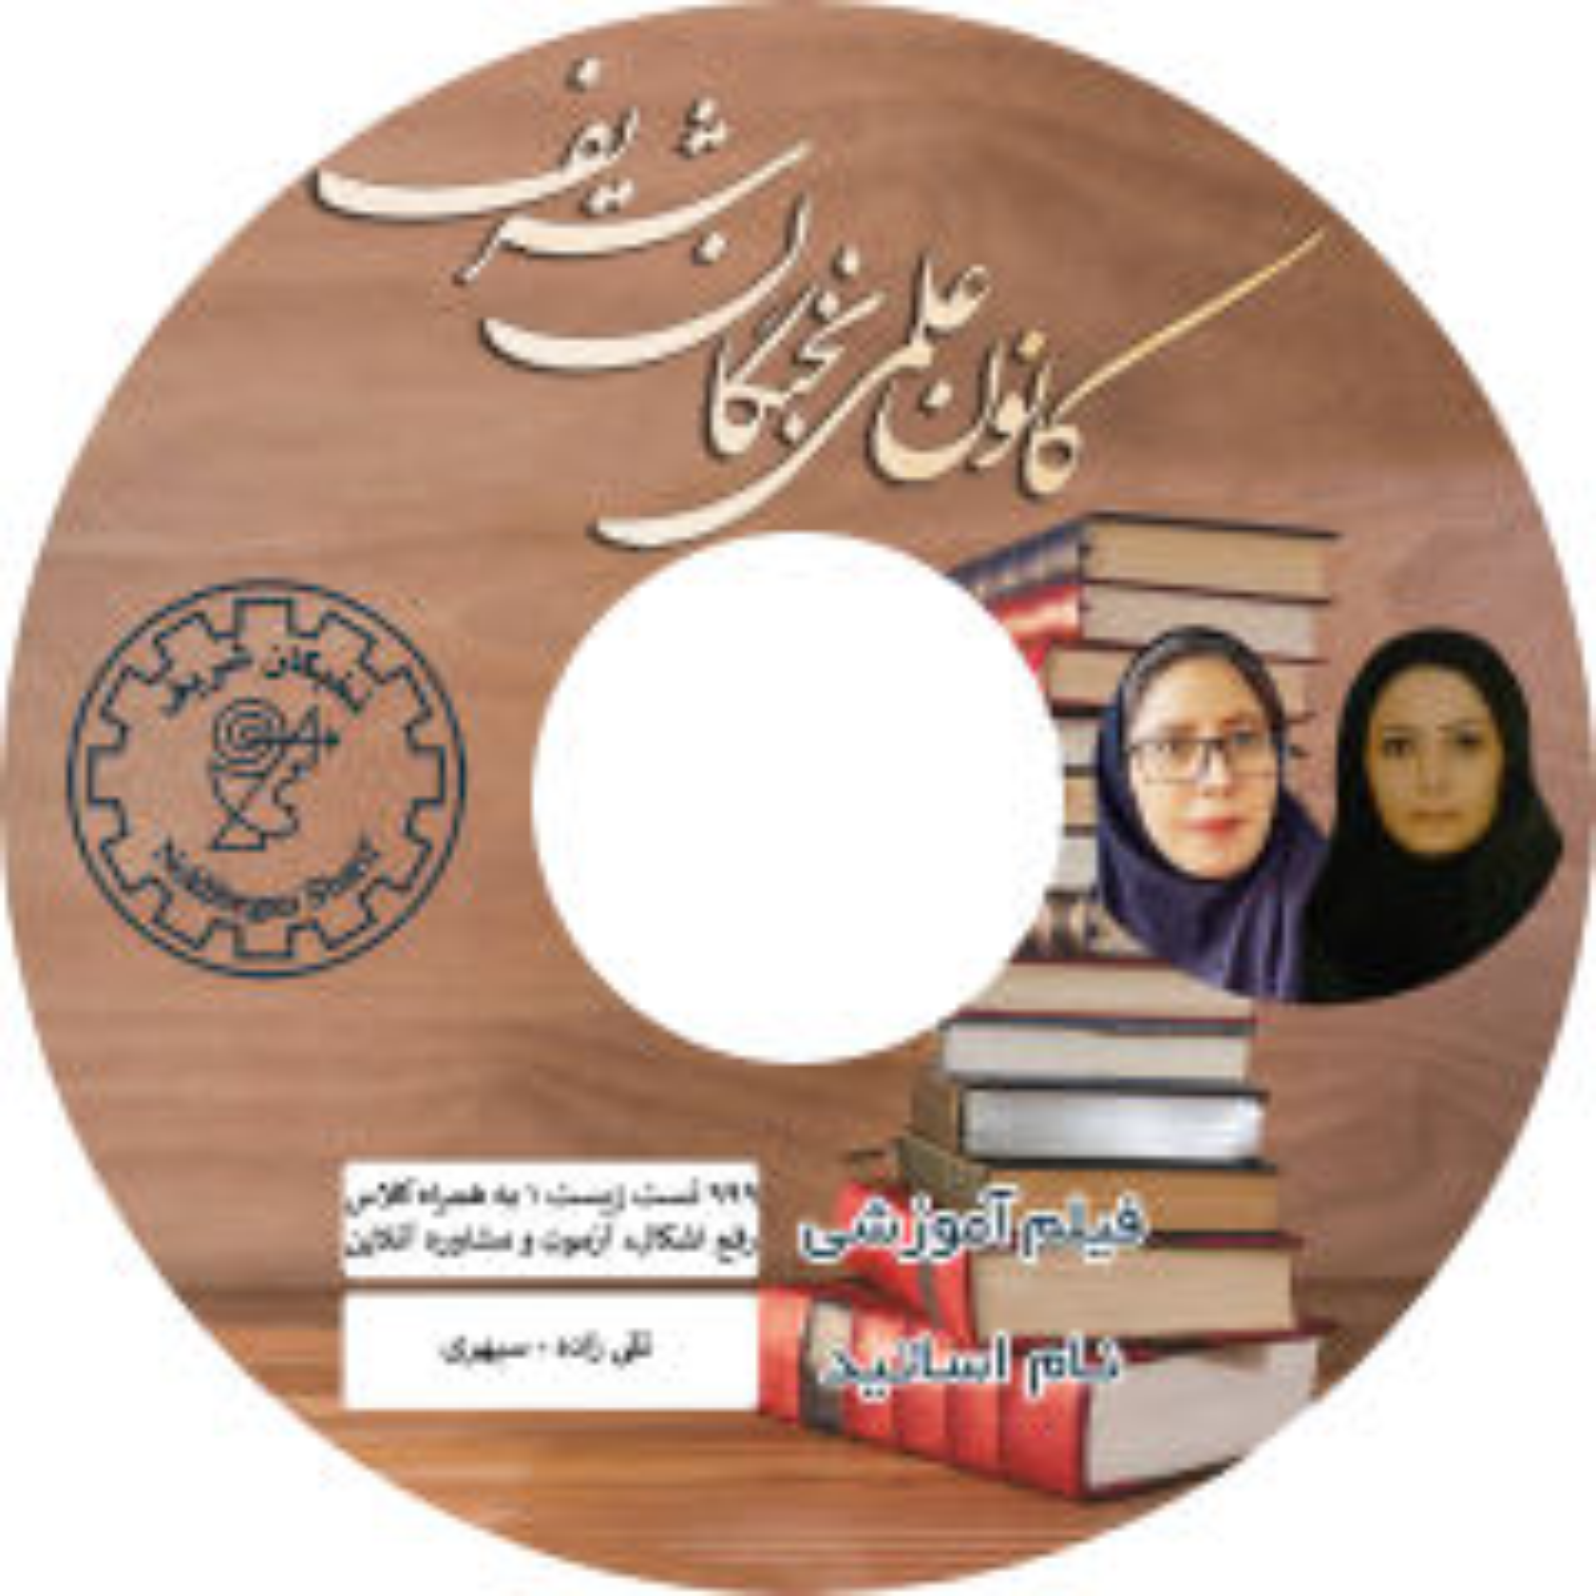 آموزش تصویری تست های طلایی زیست دهم کنکور نشر نخبگان شریف